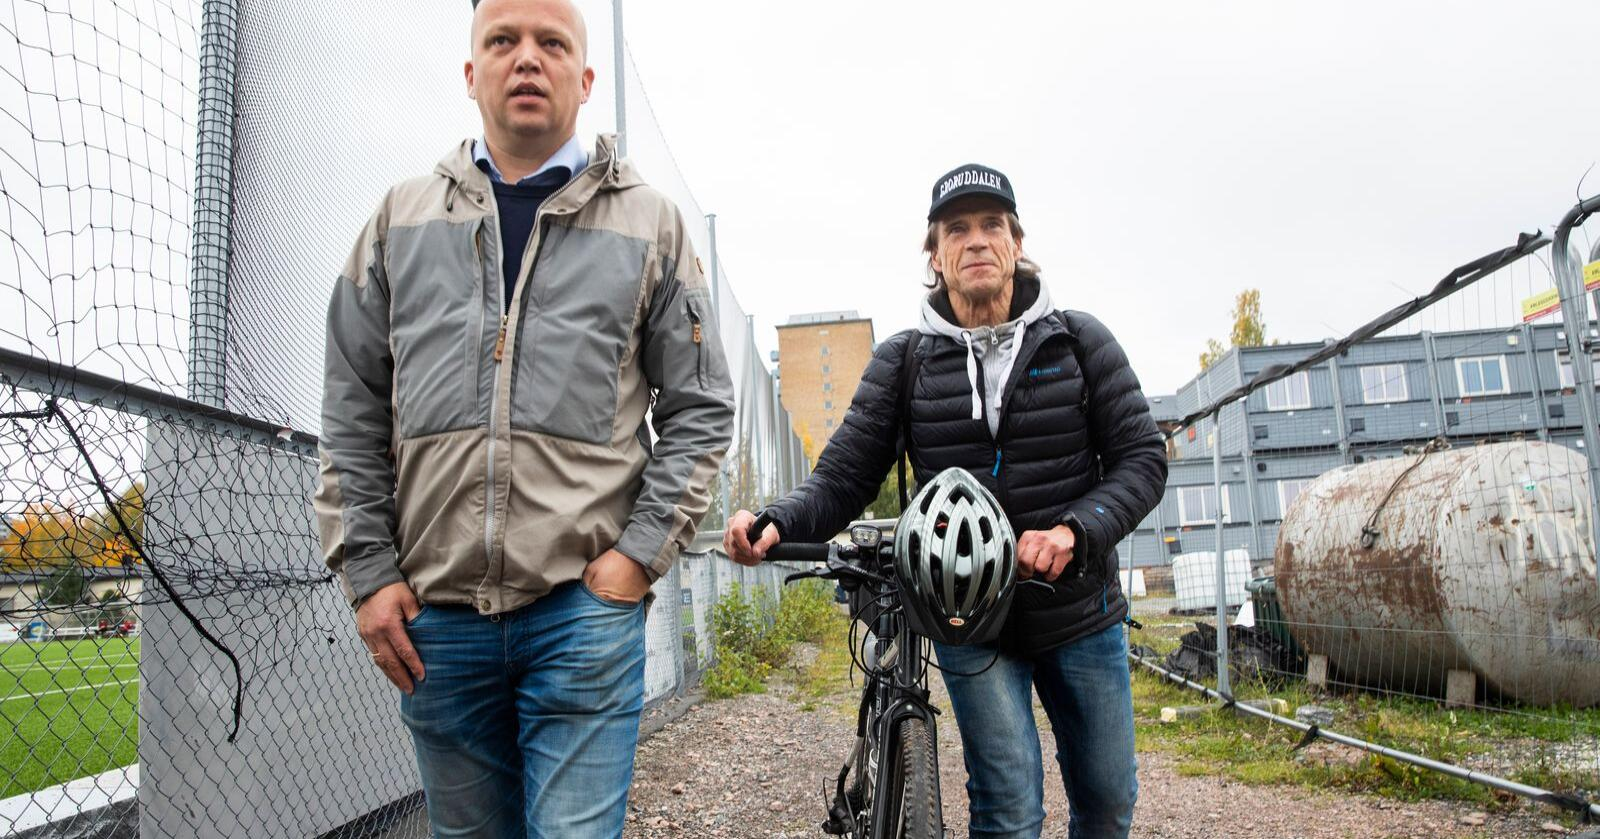 Opp og fram: Jan Bøhler (t.h.) og Sp-leder Trygve Slagsvold Vedum når nye høyder i både Oslo og Bergen. Foto: Berit Roald / NTB